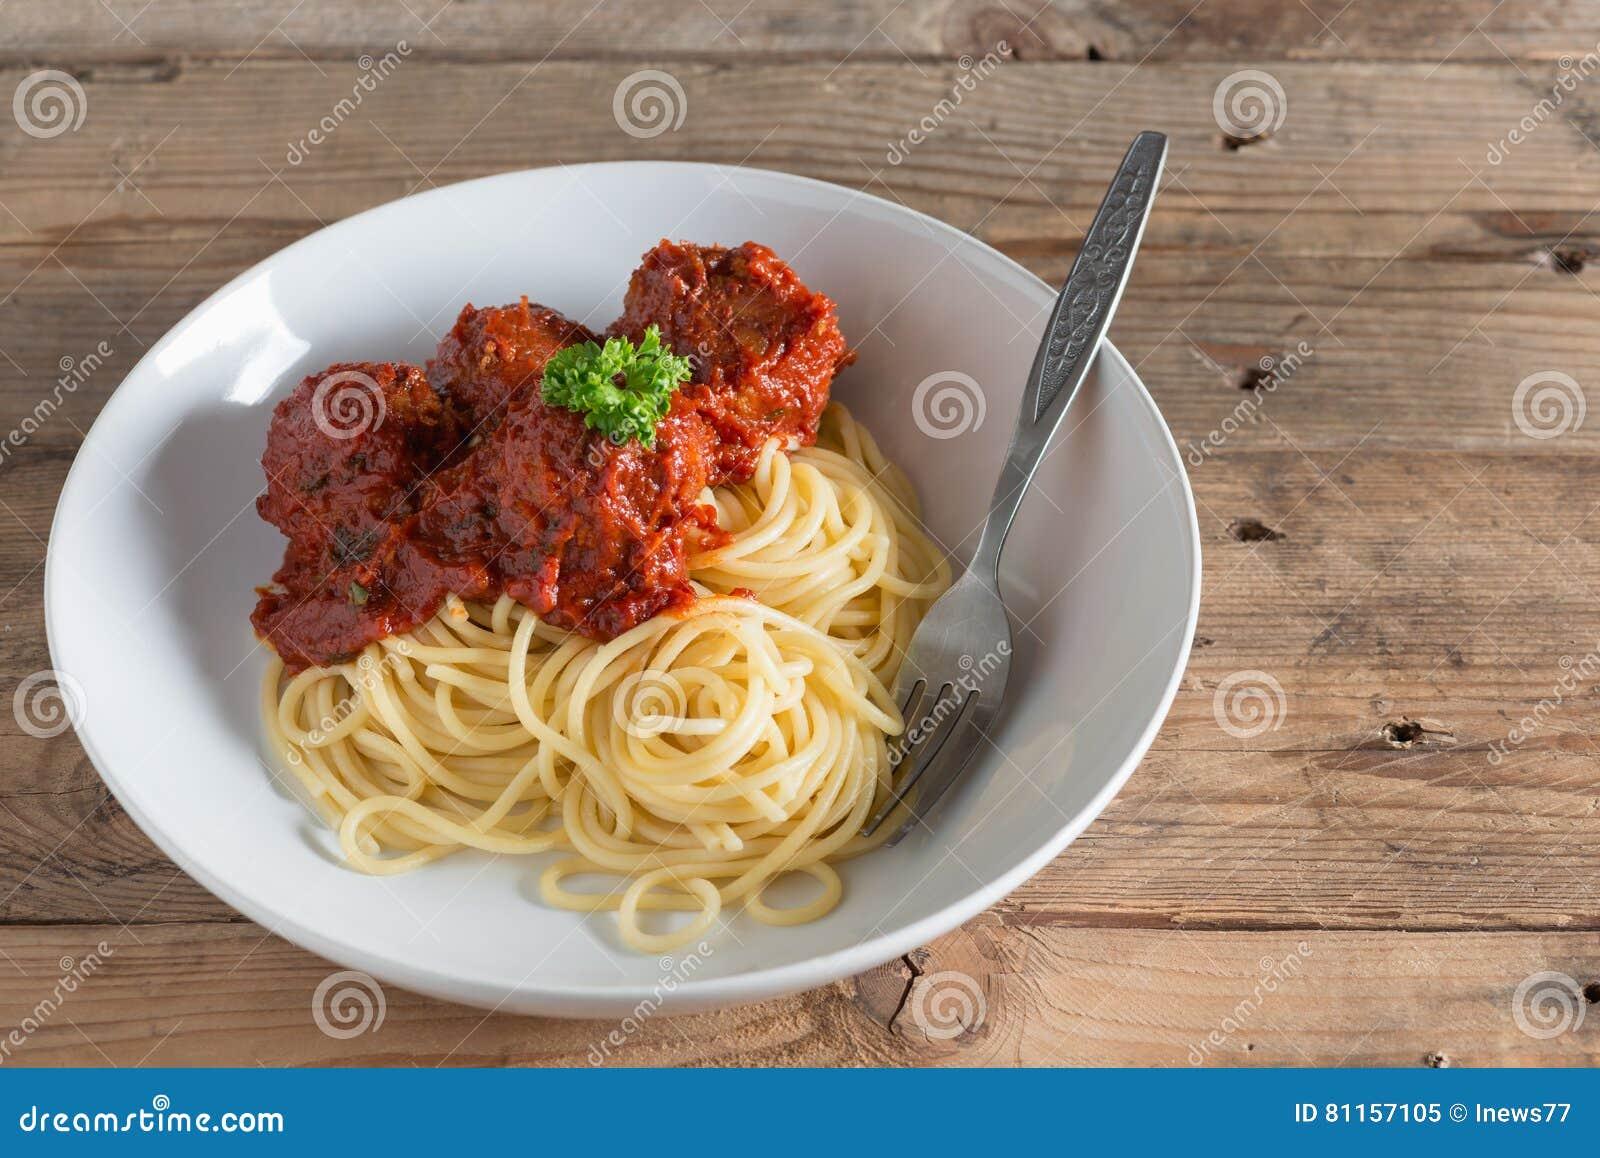 Espaguetes e almôndegas na placa